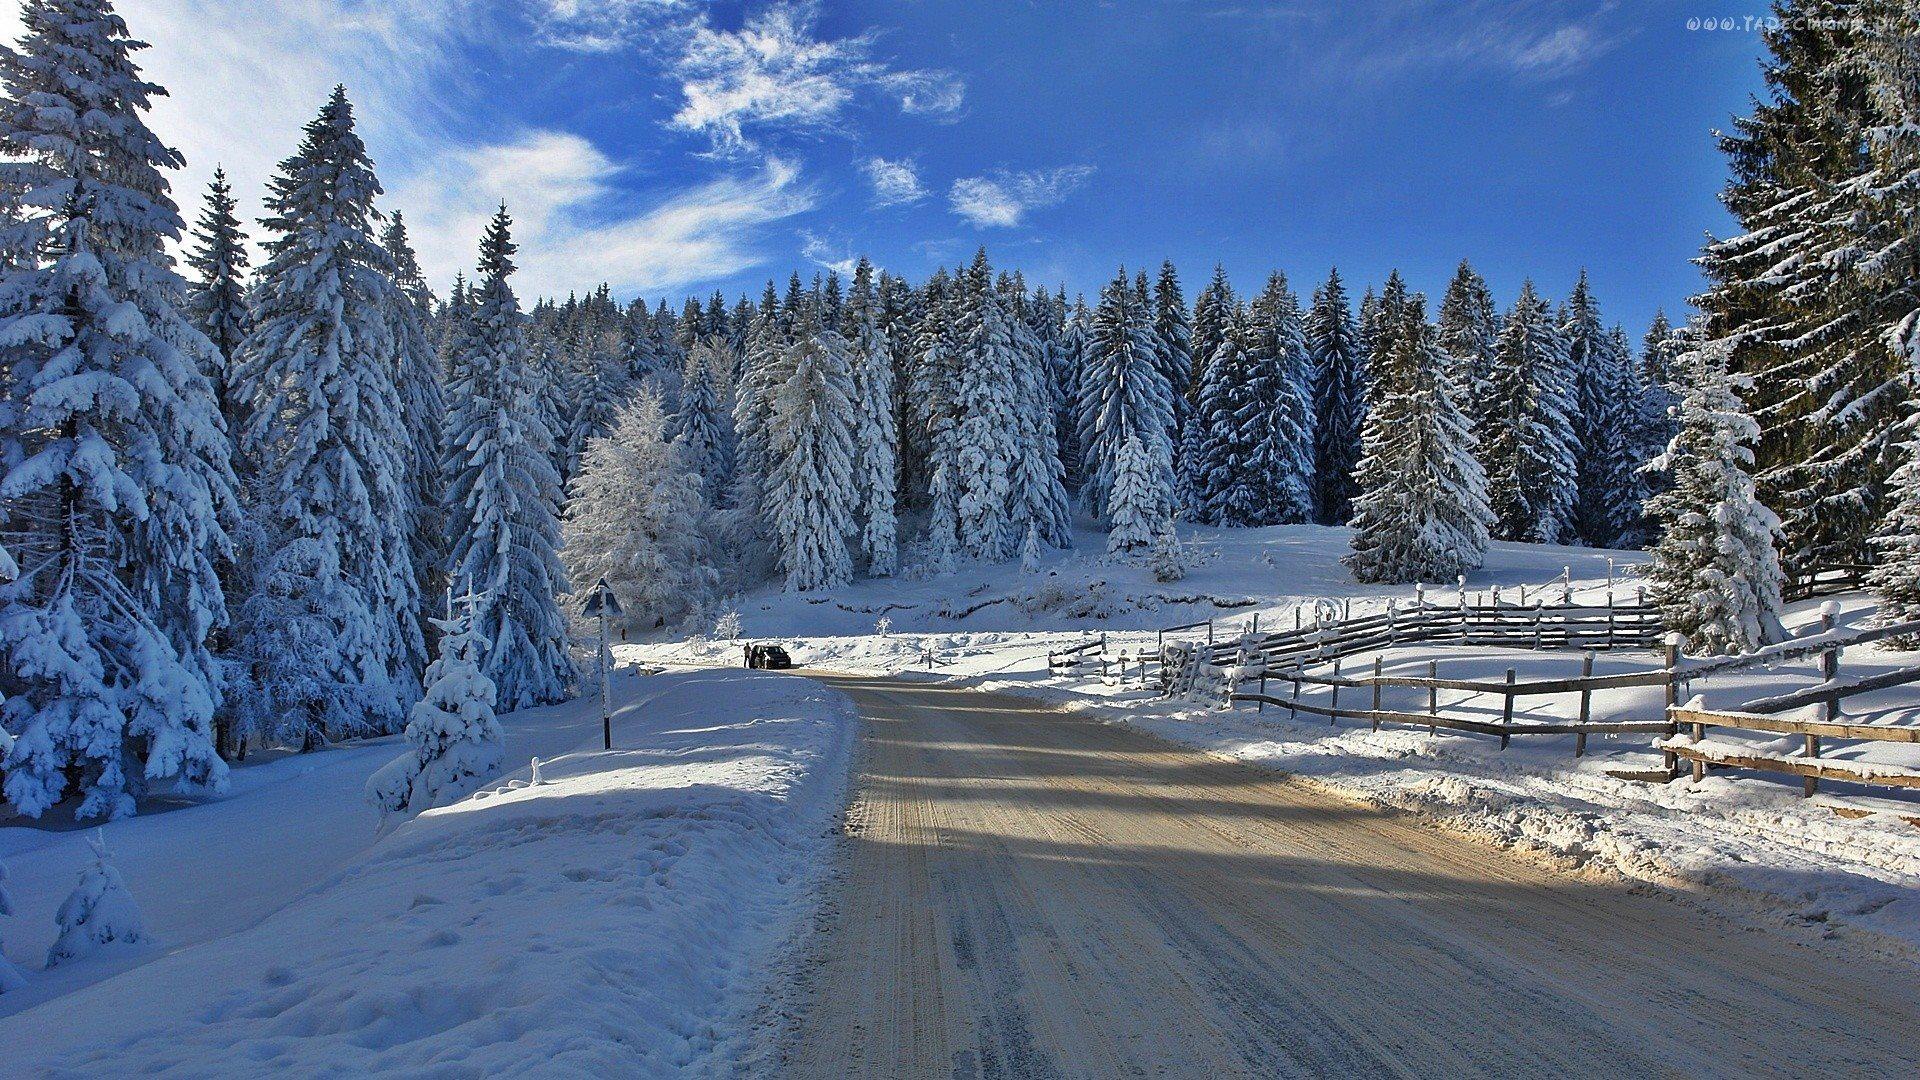 мобильности зимний пейзаж фото высокого разрешения перегону, где произошел